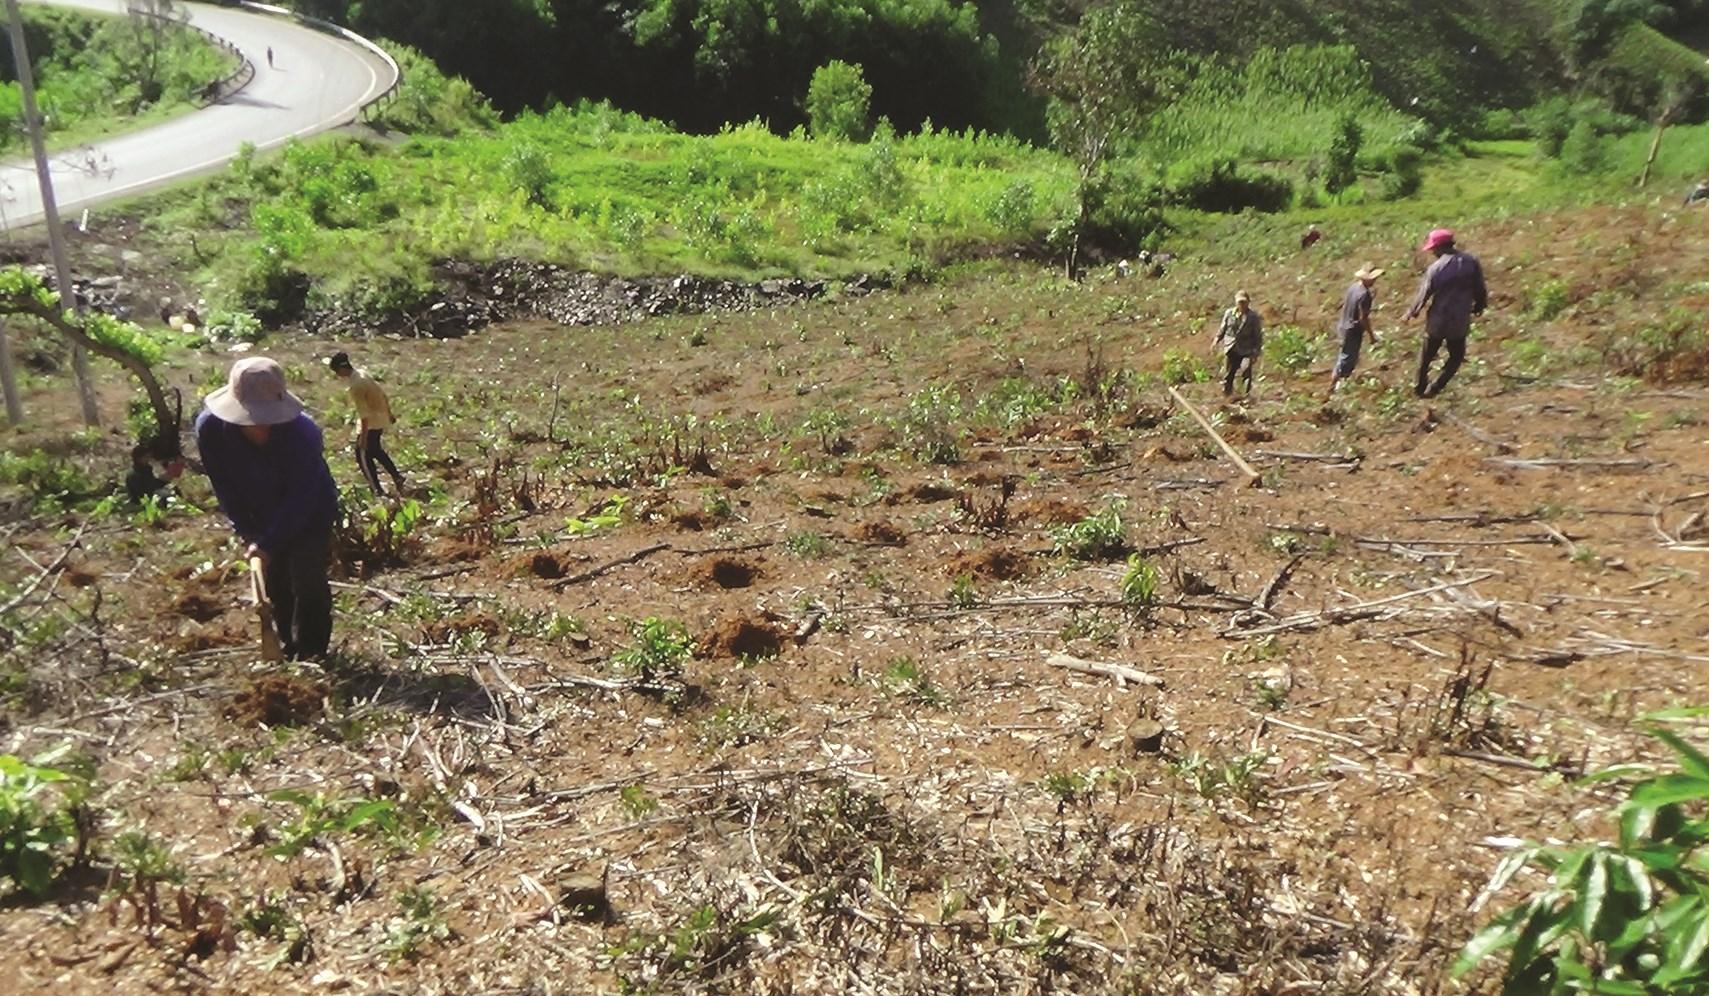 Khi những cơn mưa đầu mùa xuất hiện, người dân Khánh Vĩnh cũng bắt đầu trồng rừng.